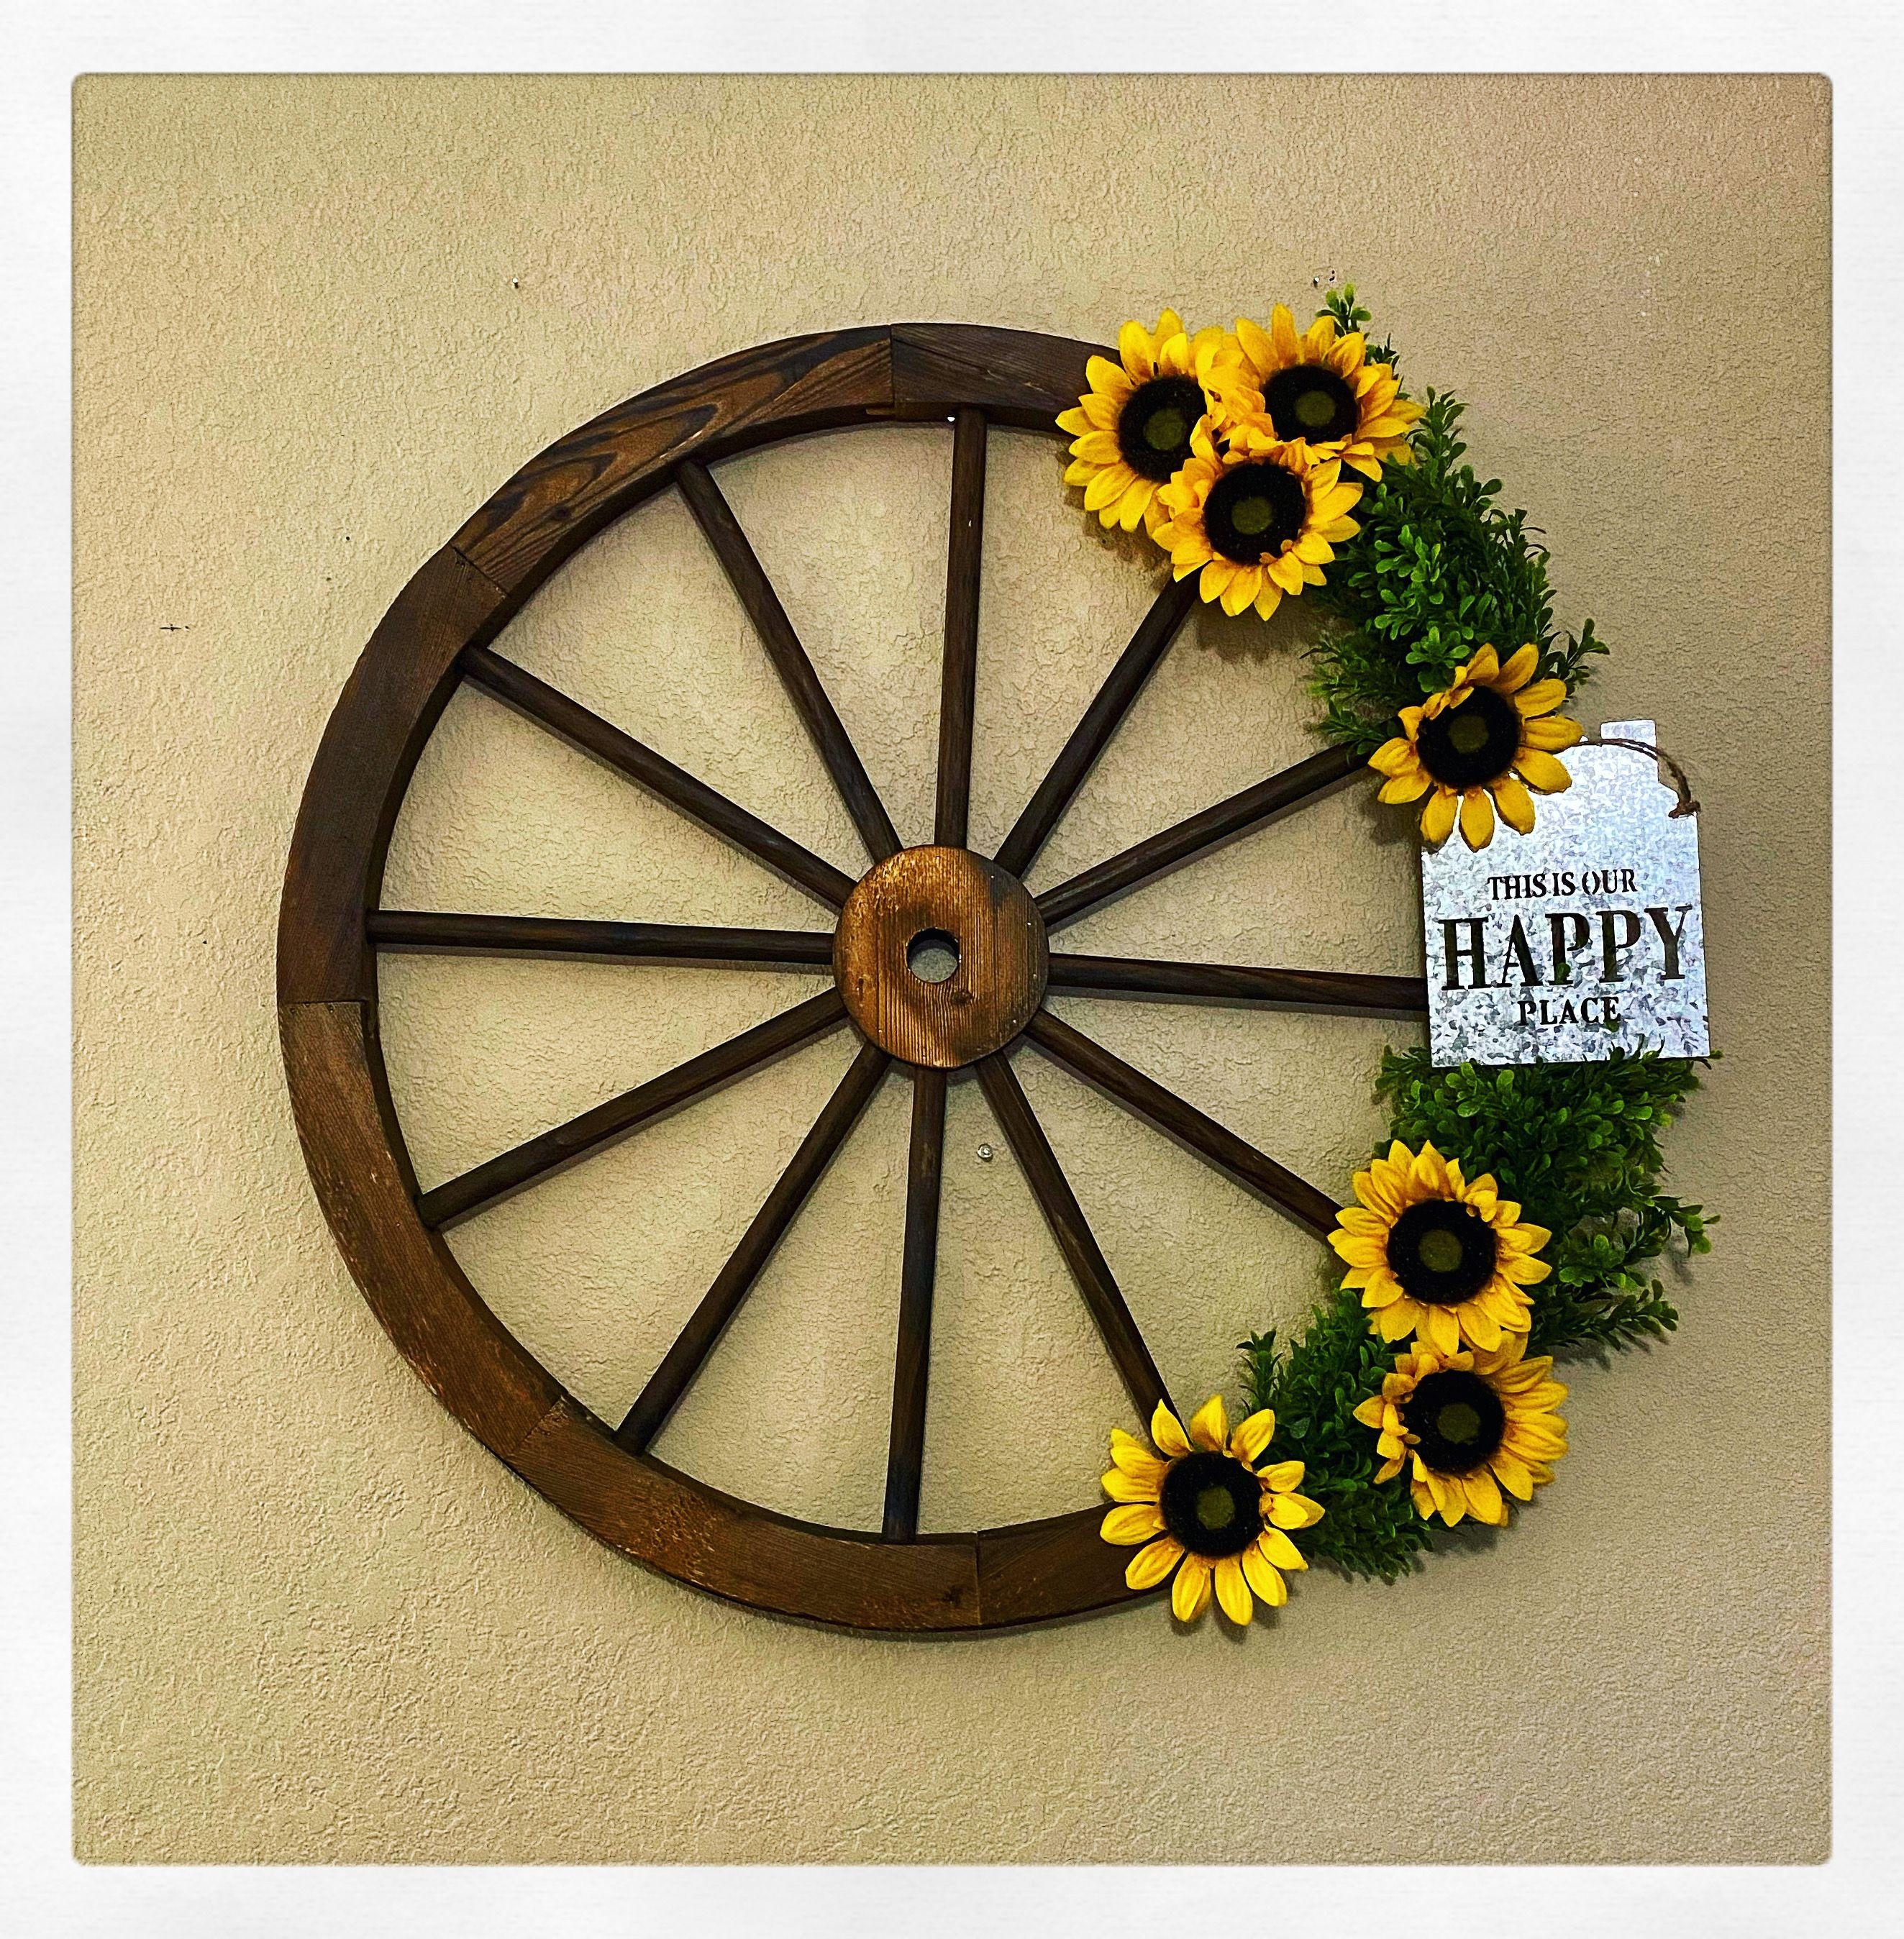 Diy Wagon Wheel Wreath Sunflower Home Decor Kitchen Wall